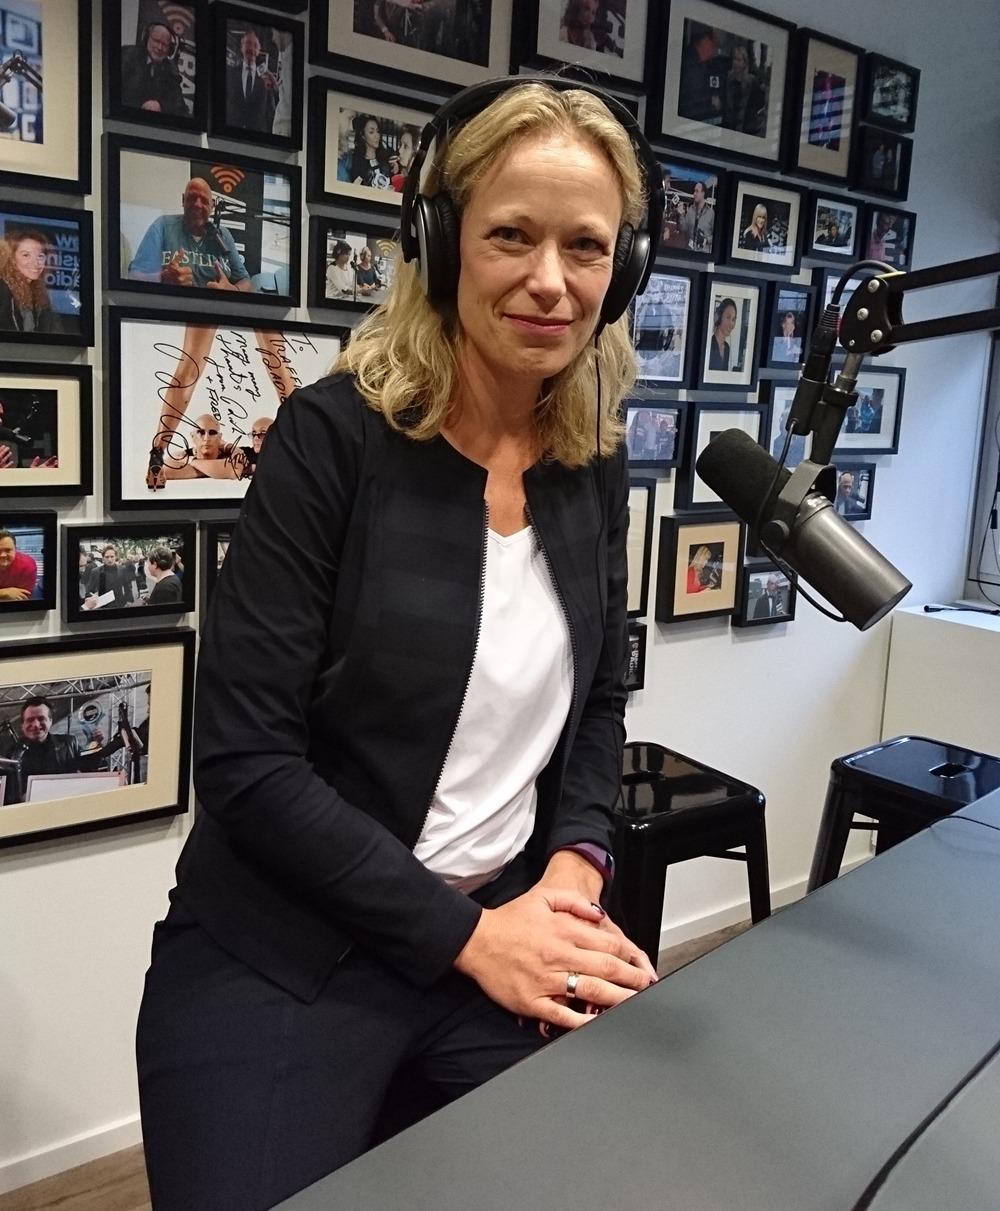 Vanessa Vijn, beleidsmedewerker bij het BKR is te gast bij Vallen opstaan en weer doorgaan met Jacqueline Zuidweg op New Business Radio